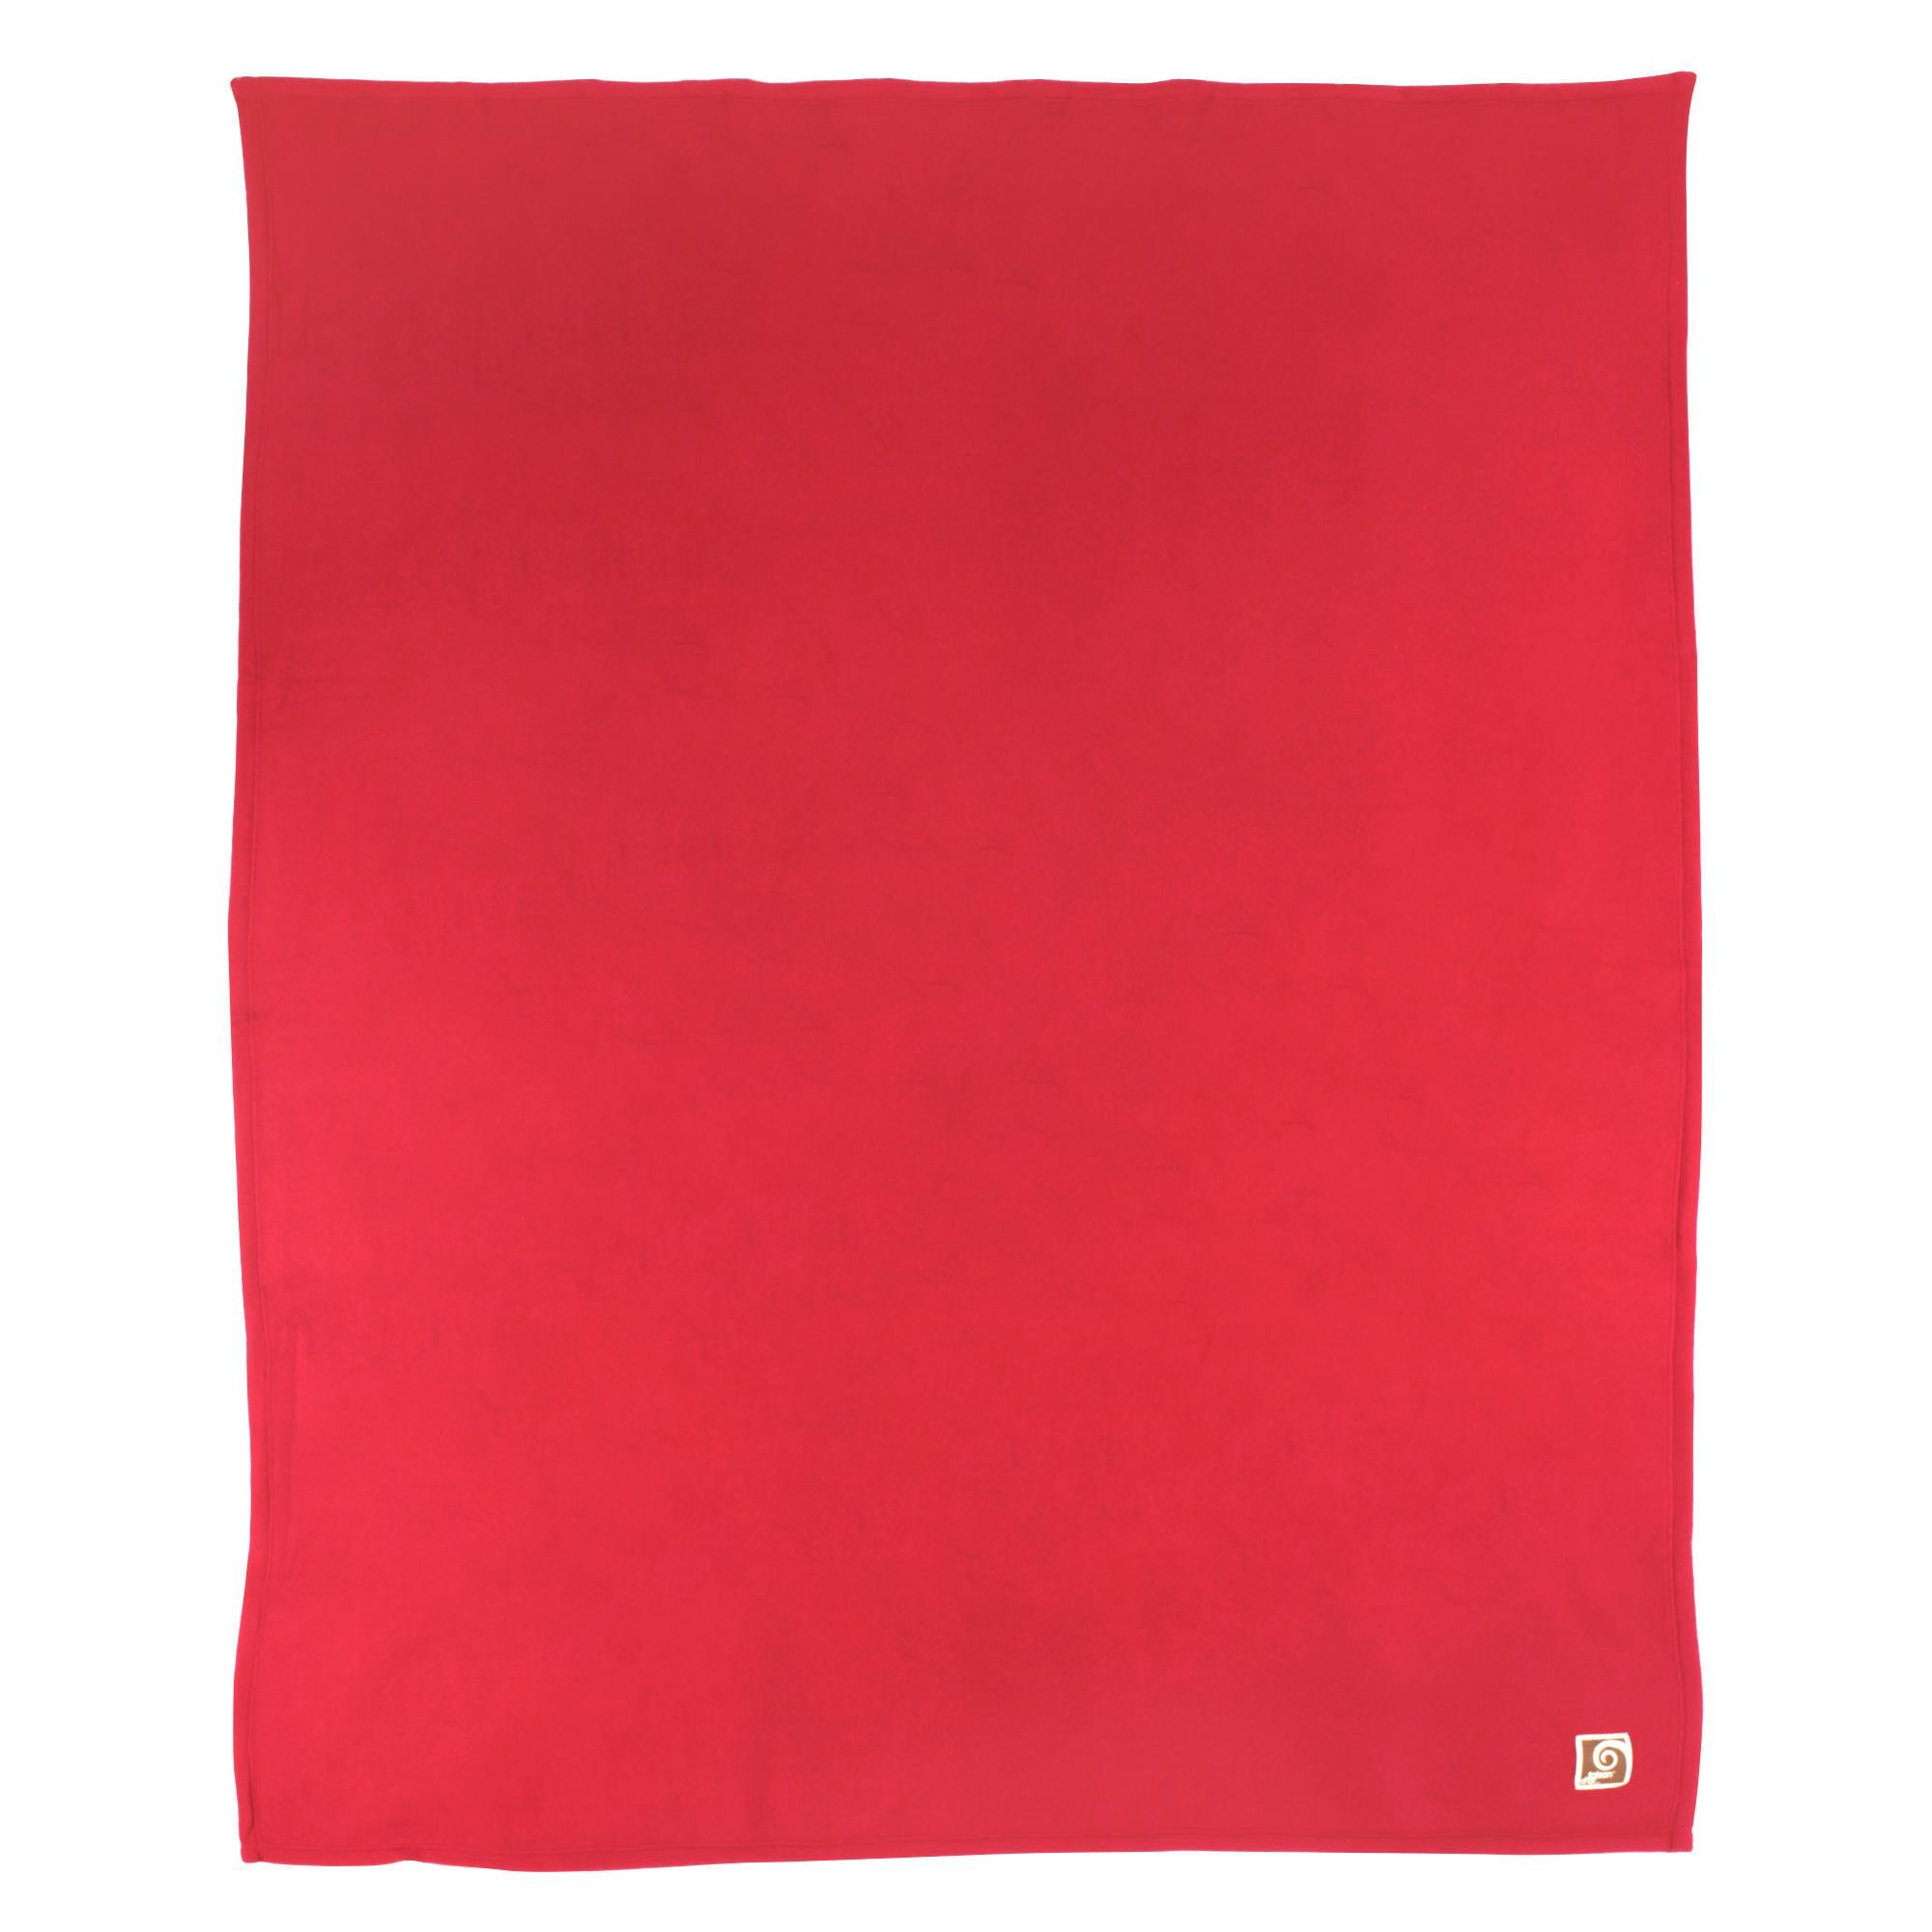 couverture polaire polyester 180x220 cm teddy framboise linnea vente de linge de maison. Black Bedroom Furniture Sets. Home Design Ideas